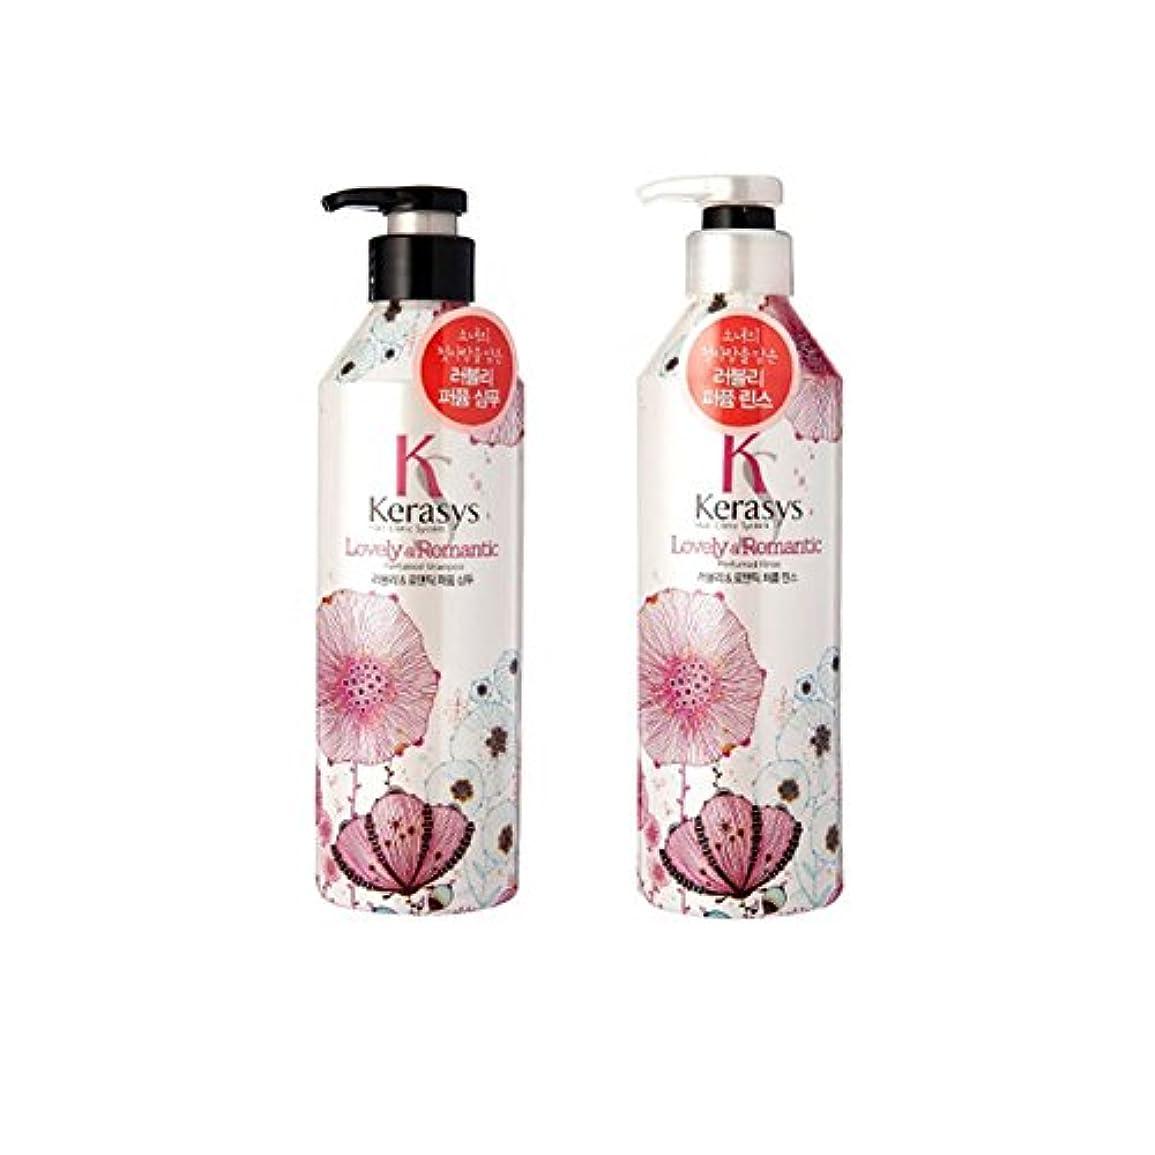 エールゆでる応答Kerasys Shampoo and Conditioner シャンプー そして リンス(コンディショナー) それぞれ 600ml  (海外直送品) (Lovely Romantic)